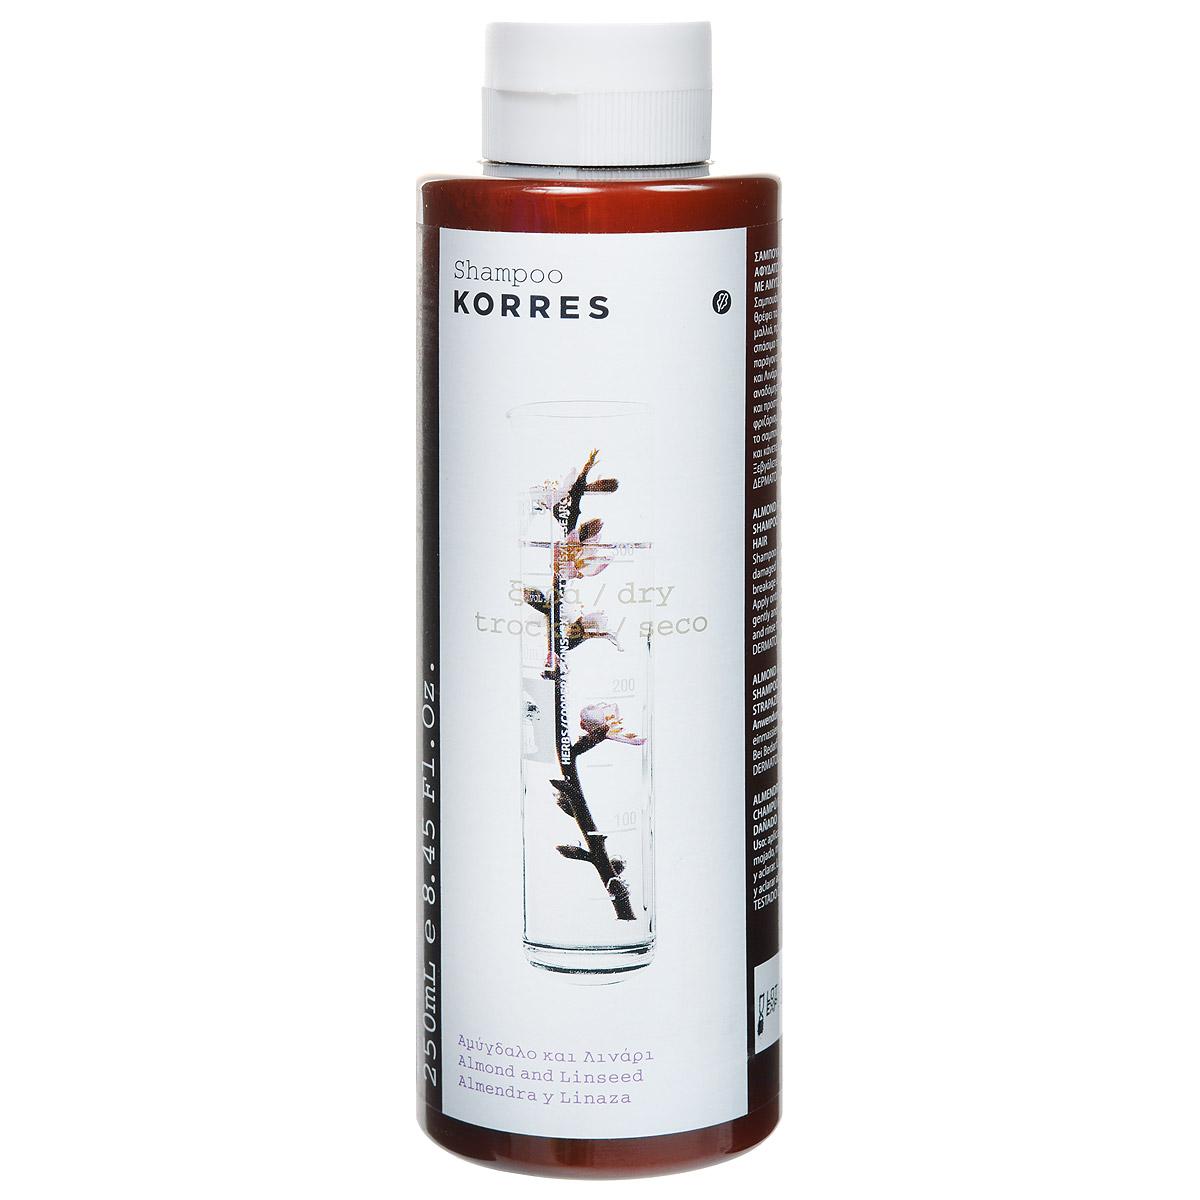 Korres Шампунь для нормальных, сухих и поврежденных волос, с миндалем и семенами льна, 250 мл